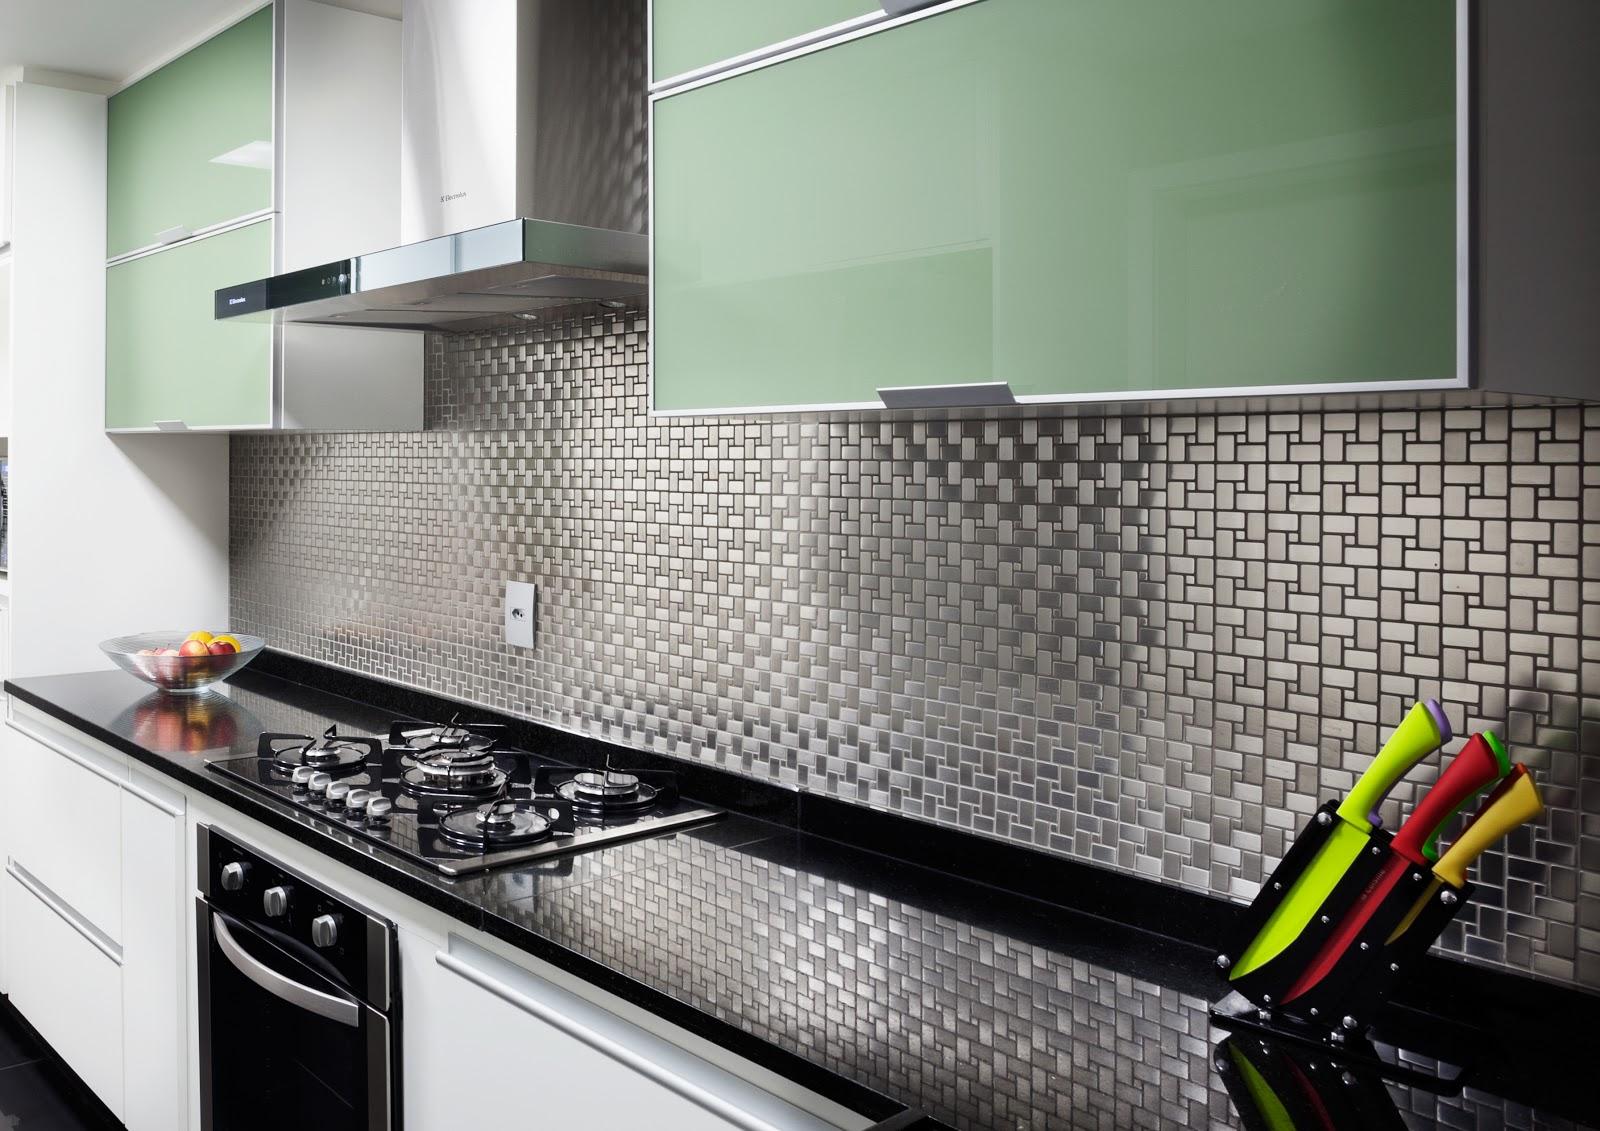 Cozinha com pastilhas de Inox espelhadas. Fonte.